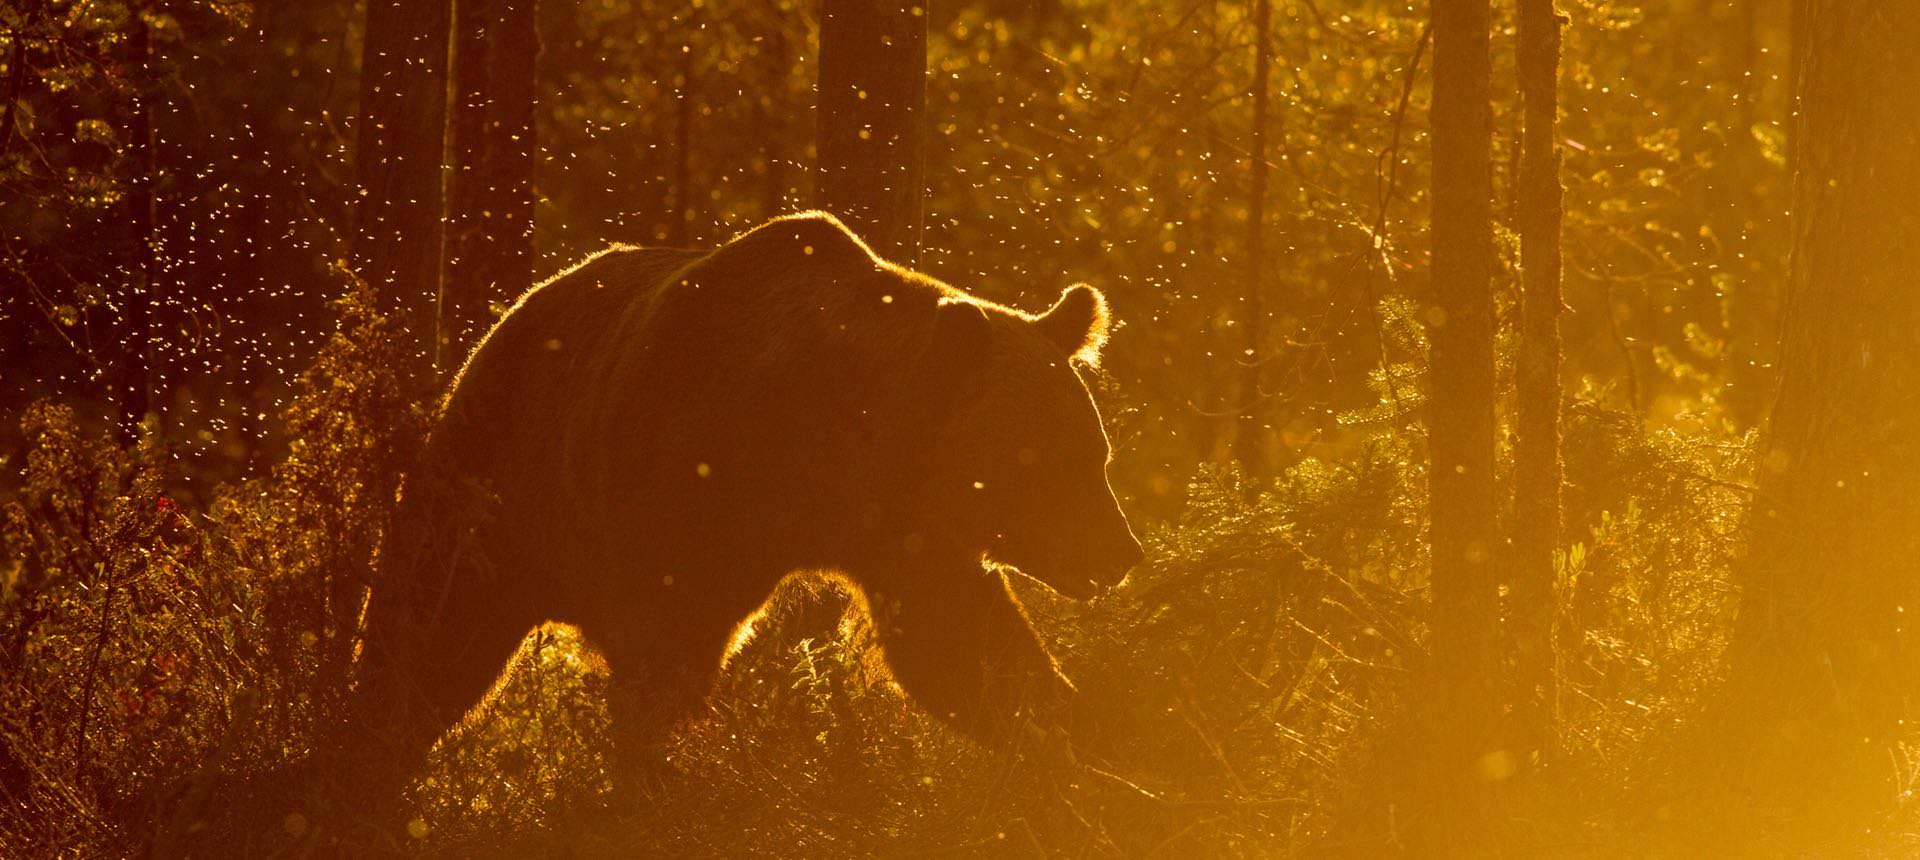 Beitragsfoto: Beim Alten in den Wäldern - Geschichten von Bären und Jägern